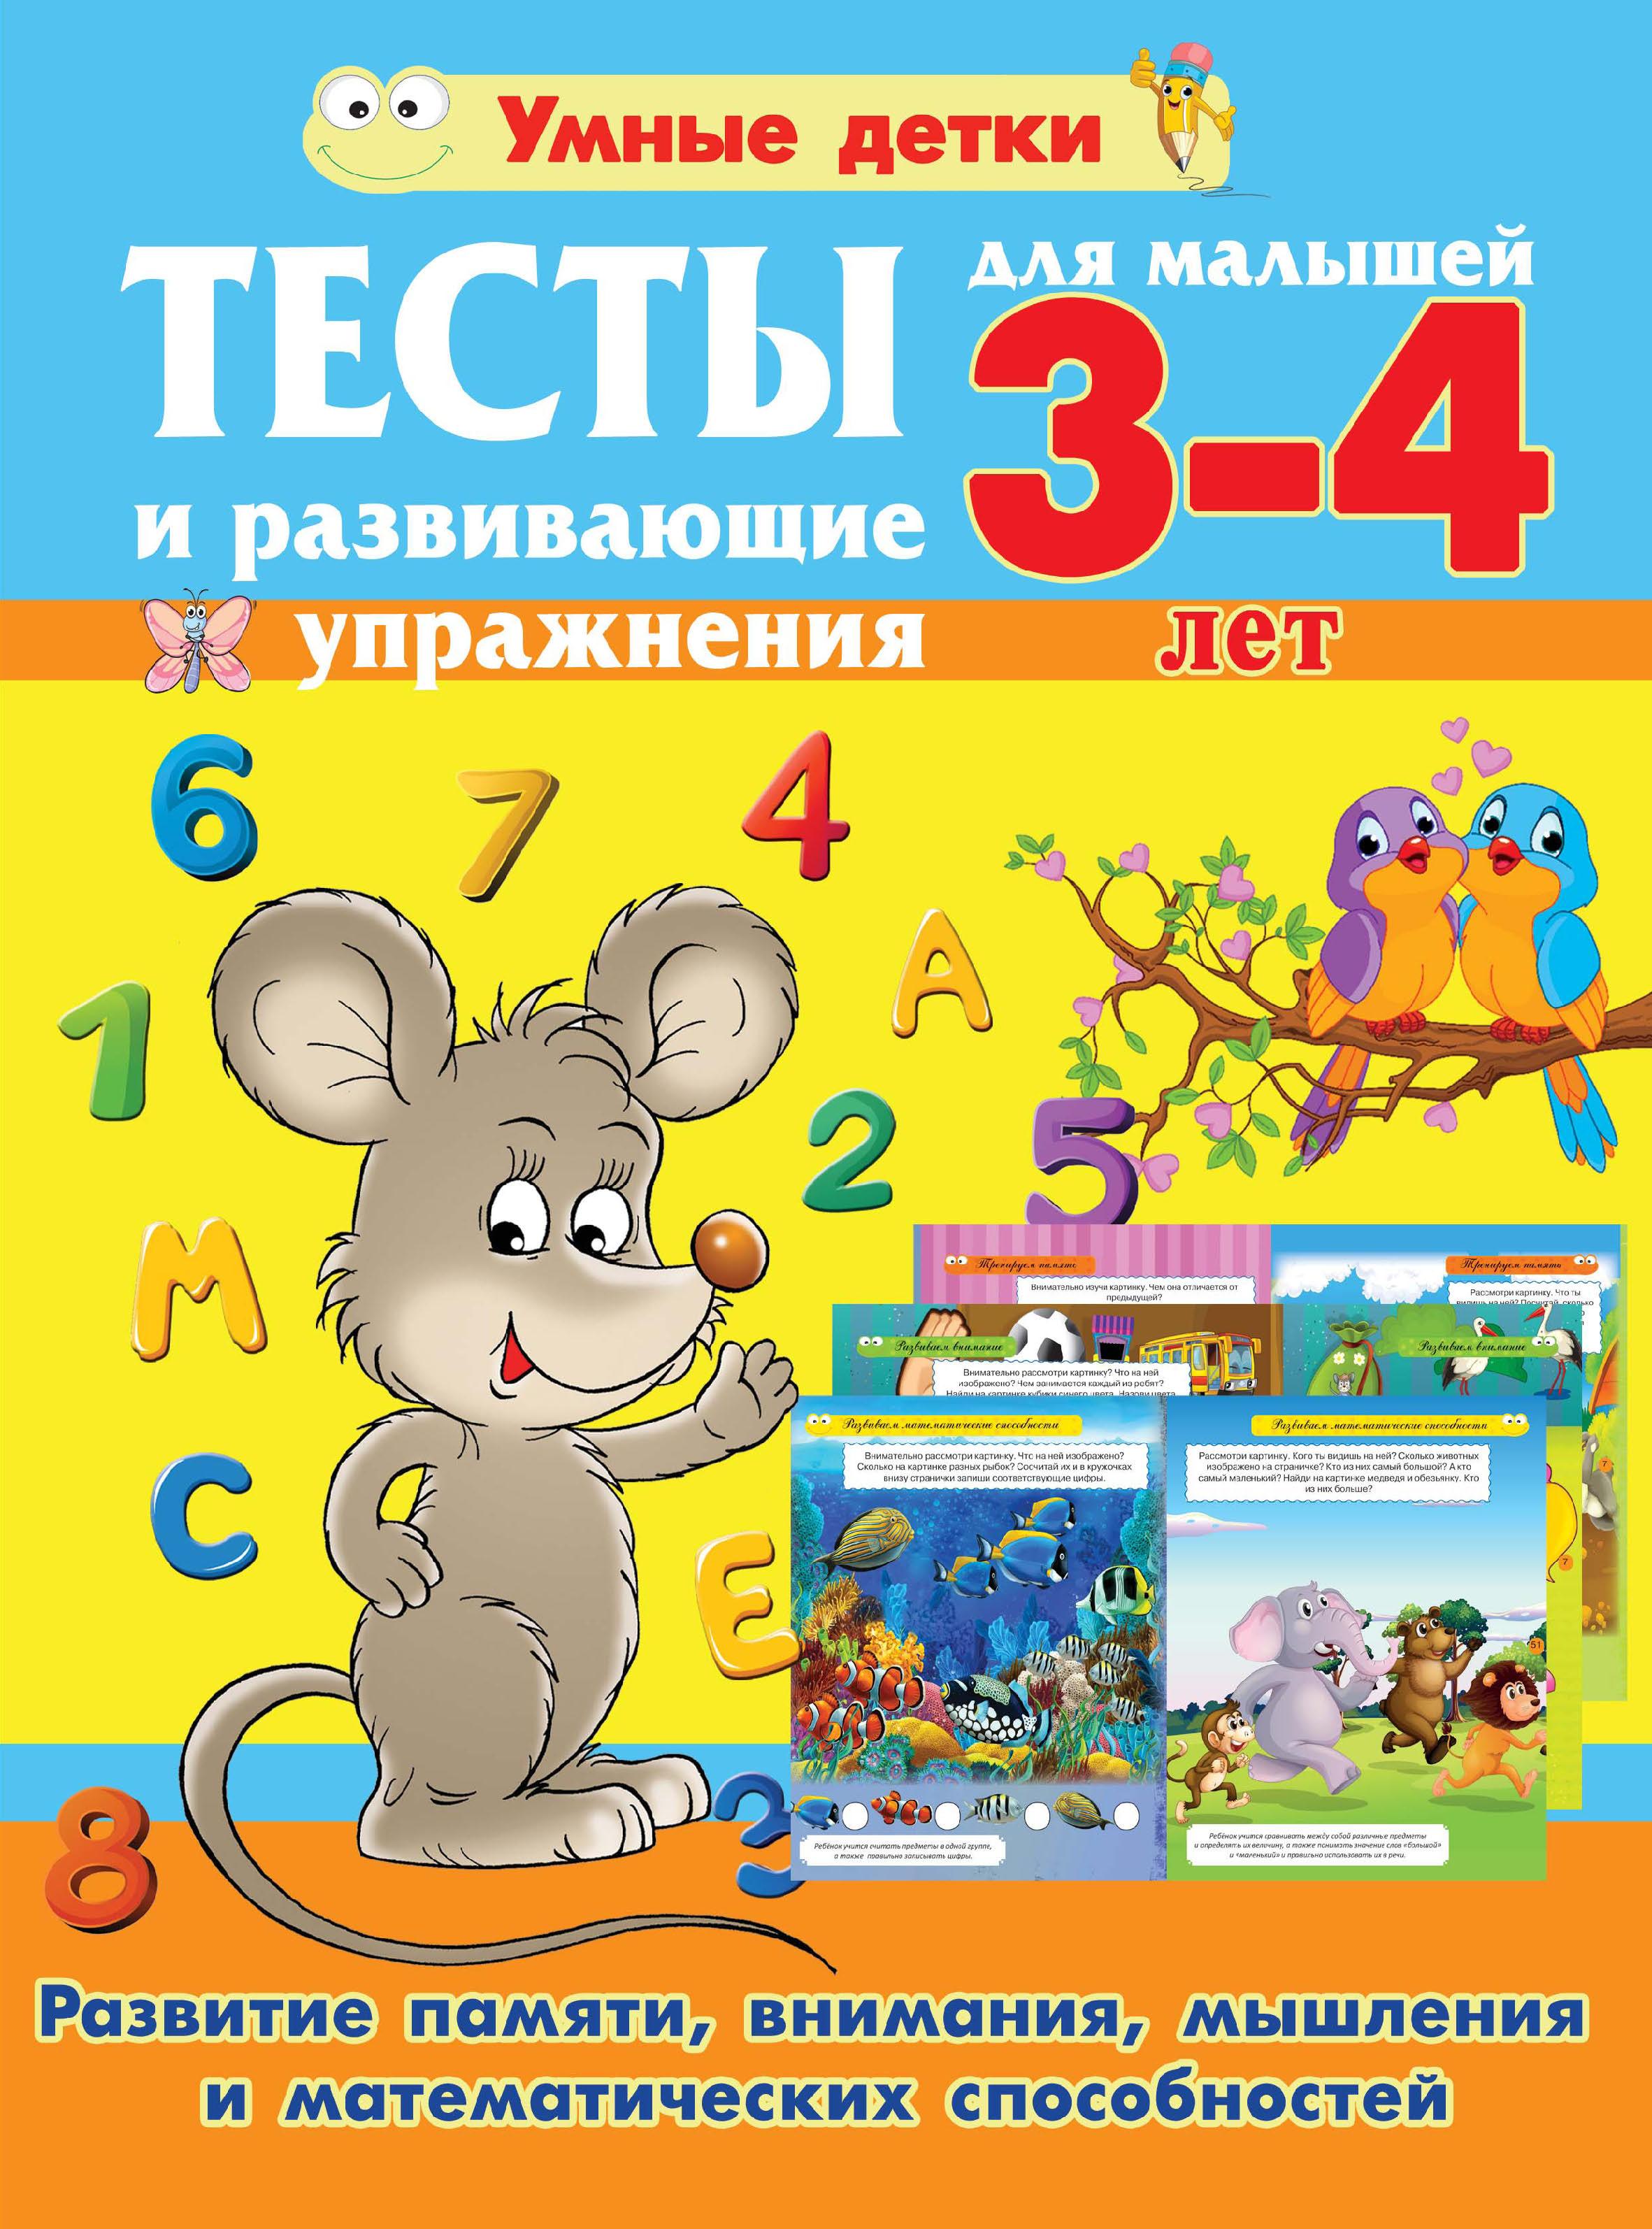 Александра Струк Тесты и развивающие упражнения для малышей 3-4 лет. Развитие памяти, внимания, мышления и математических способностей трясорукова татьяна петровна развитие мышления и внимания 3 4 года